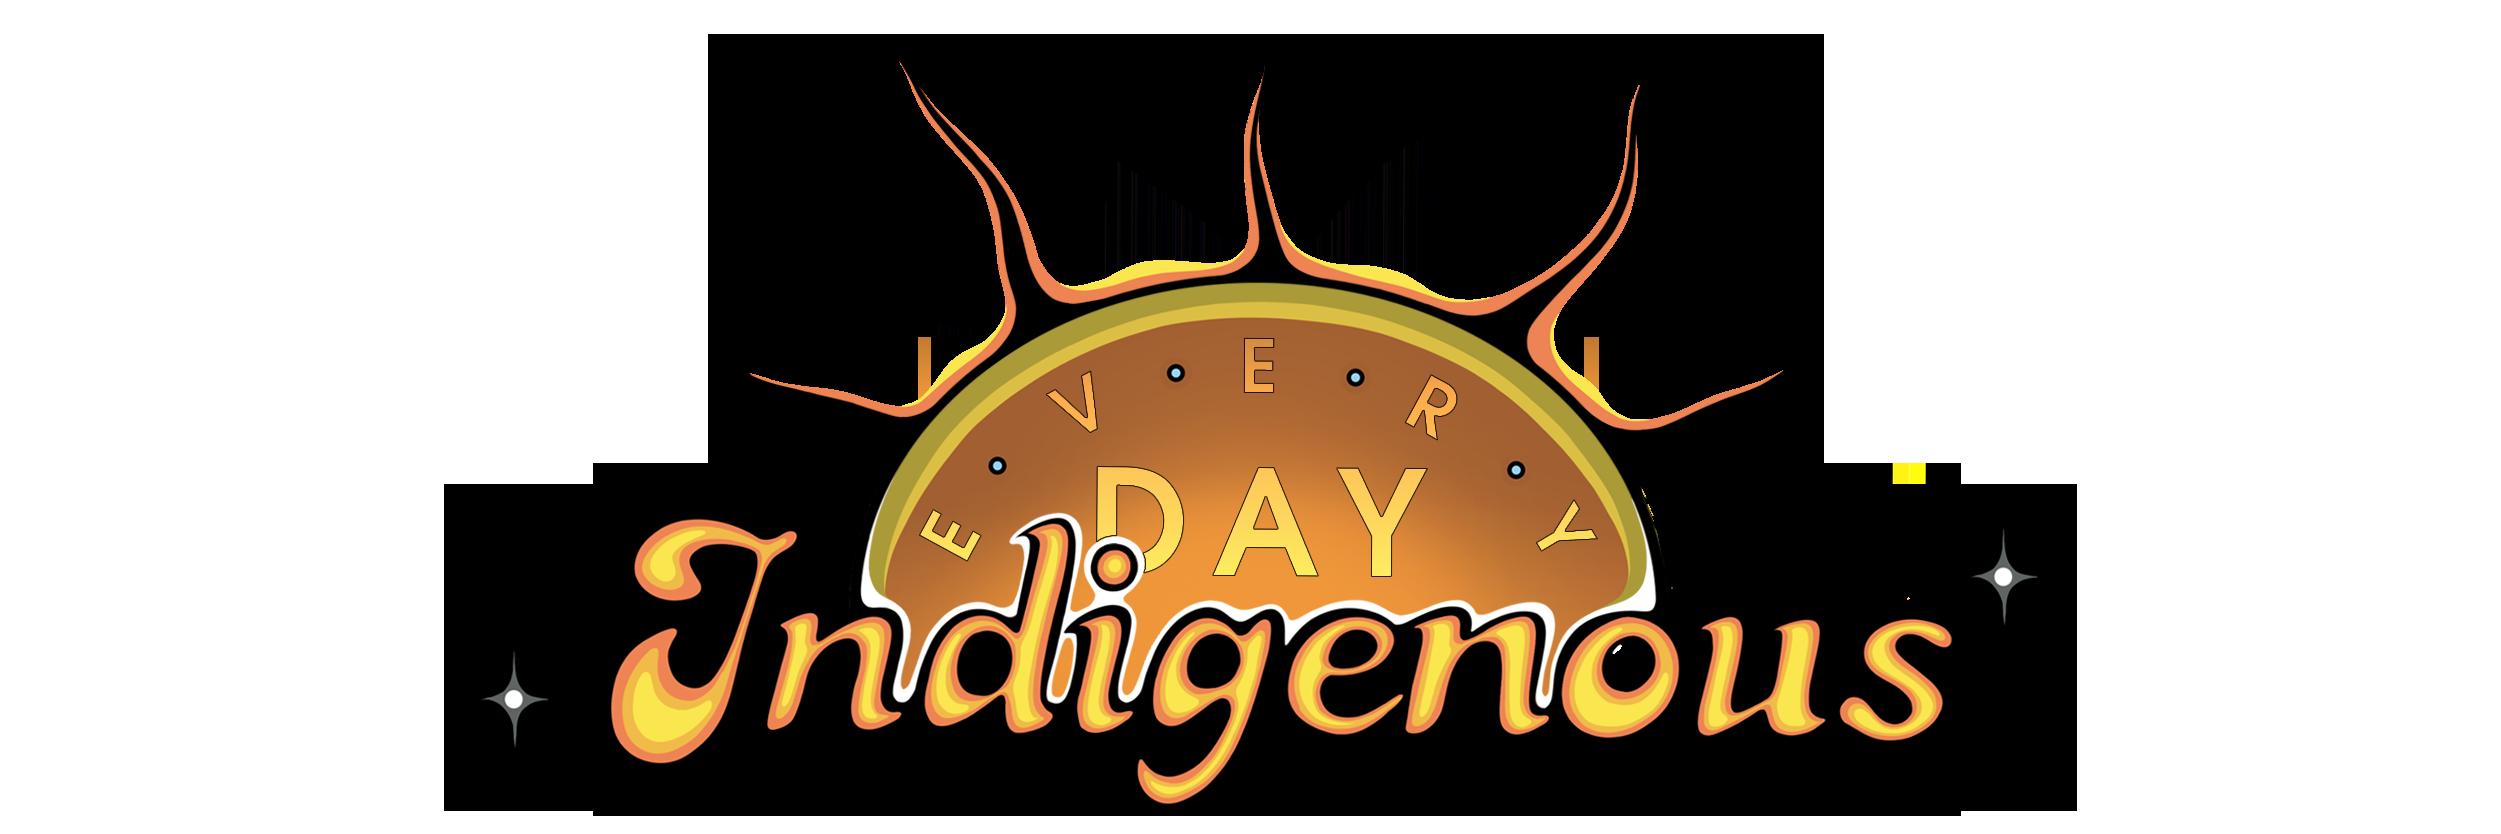 Everyday Indigenous